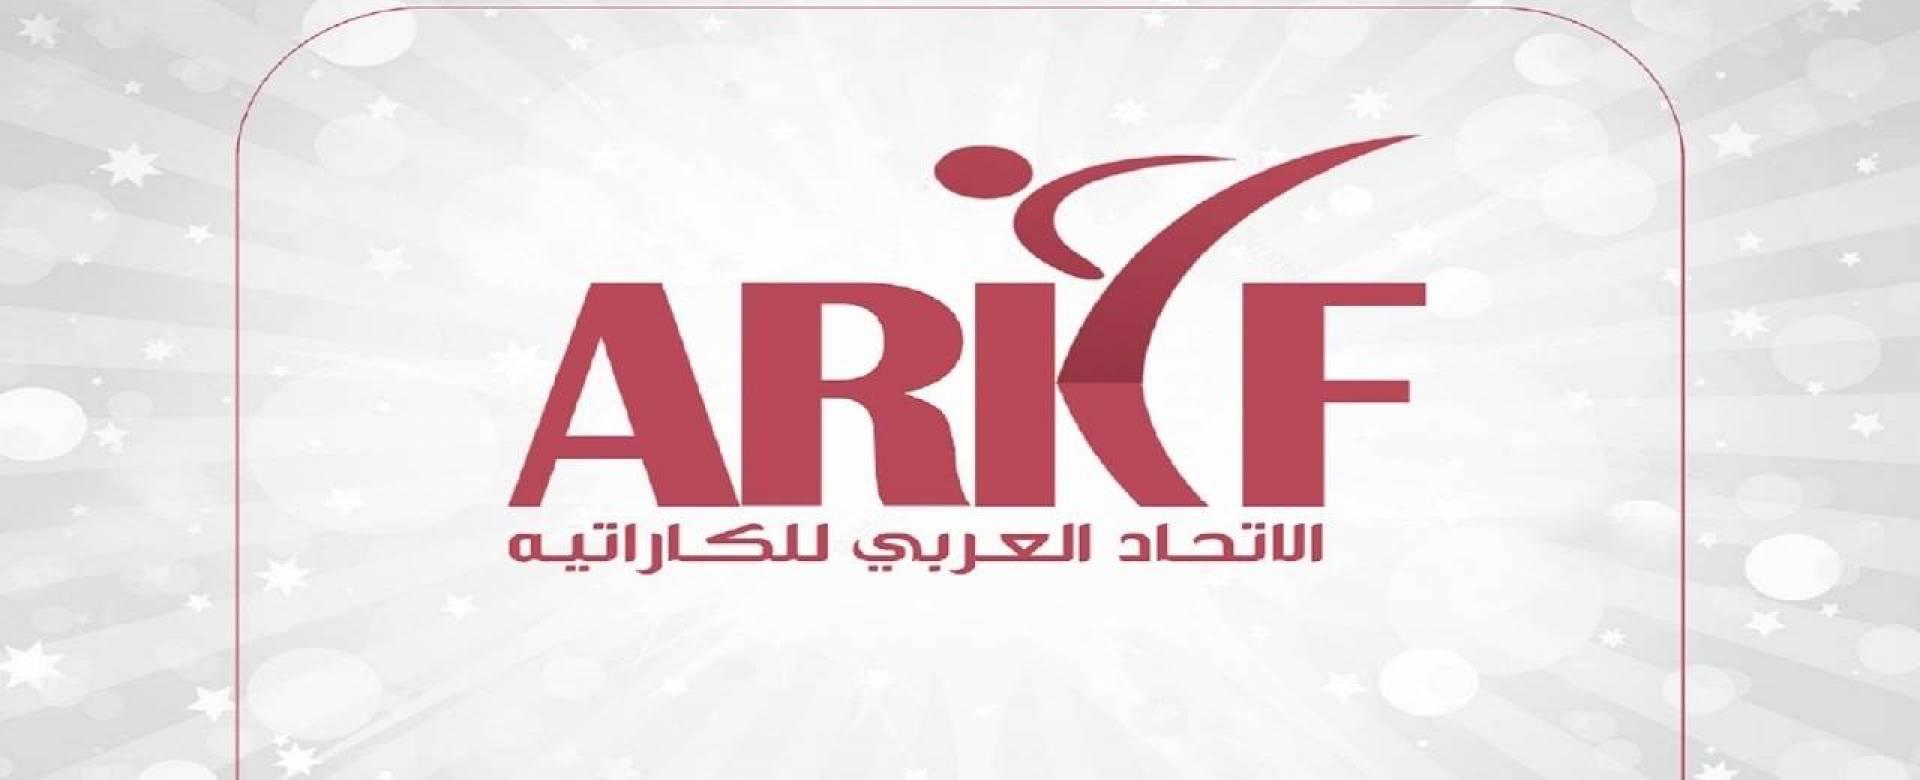 لأول مرة في التاريخ.. نائبة لرئيس الاتحاد العربي للكاراتيه